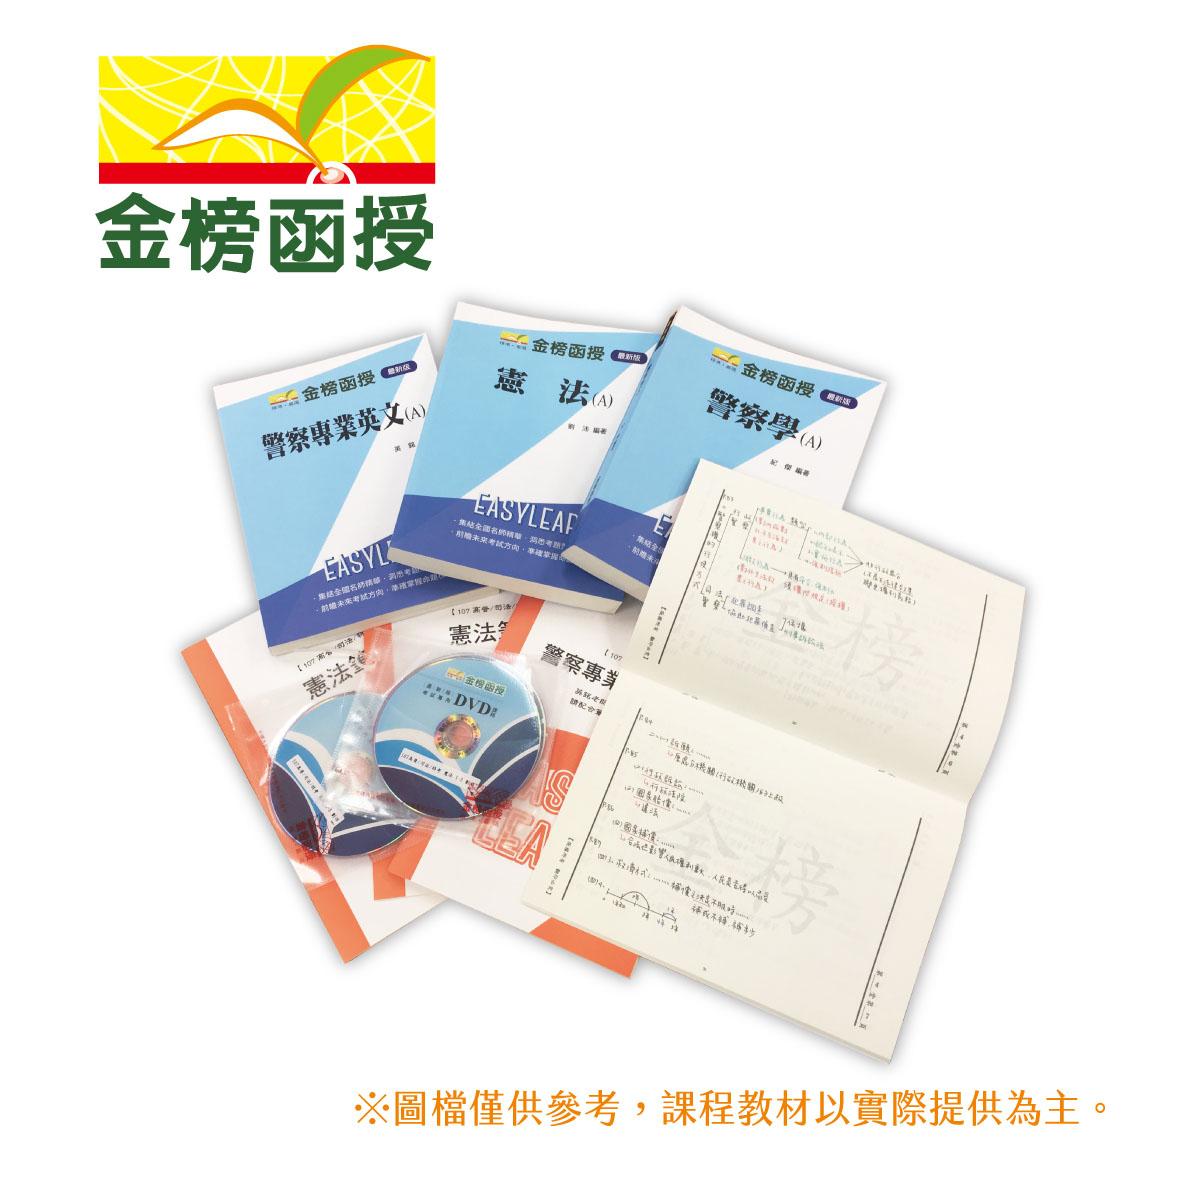 107金榜函授/地方特考/四等/全套/文化行政/DVD